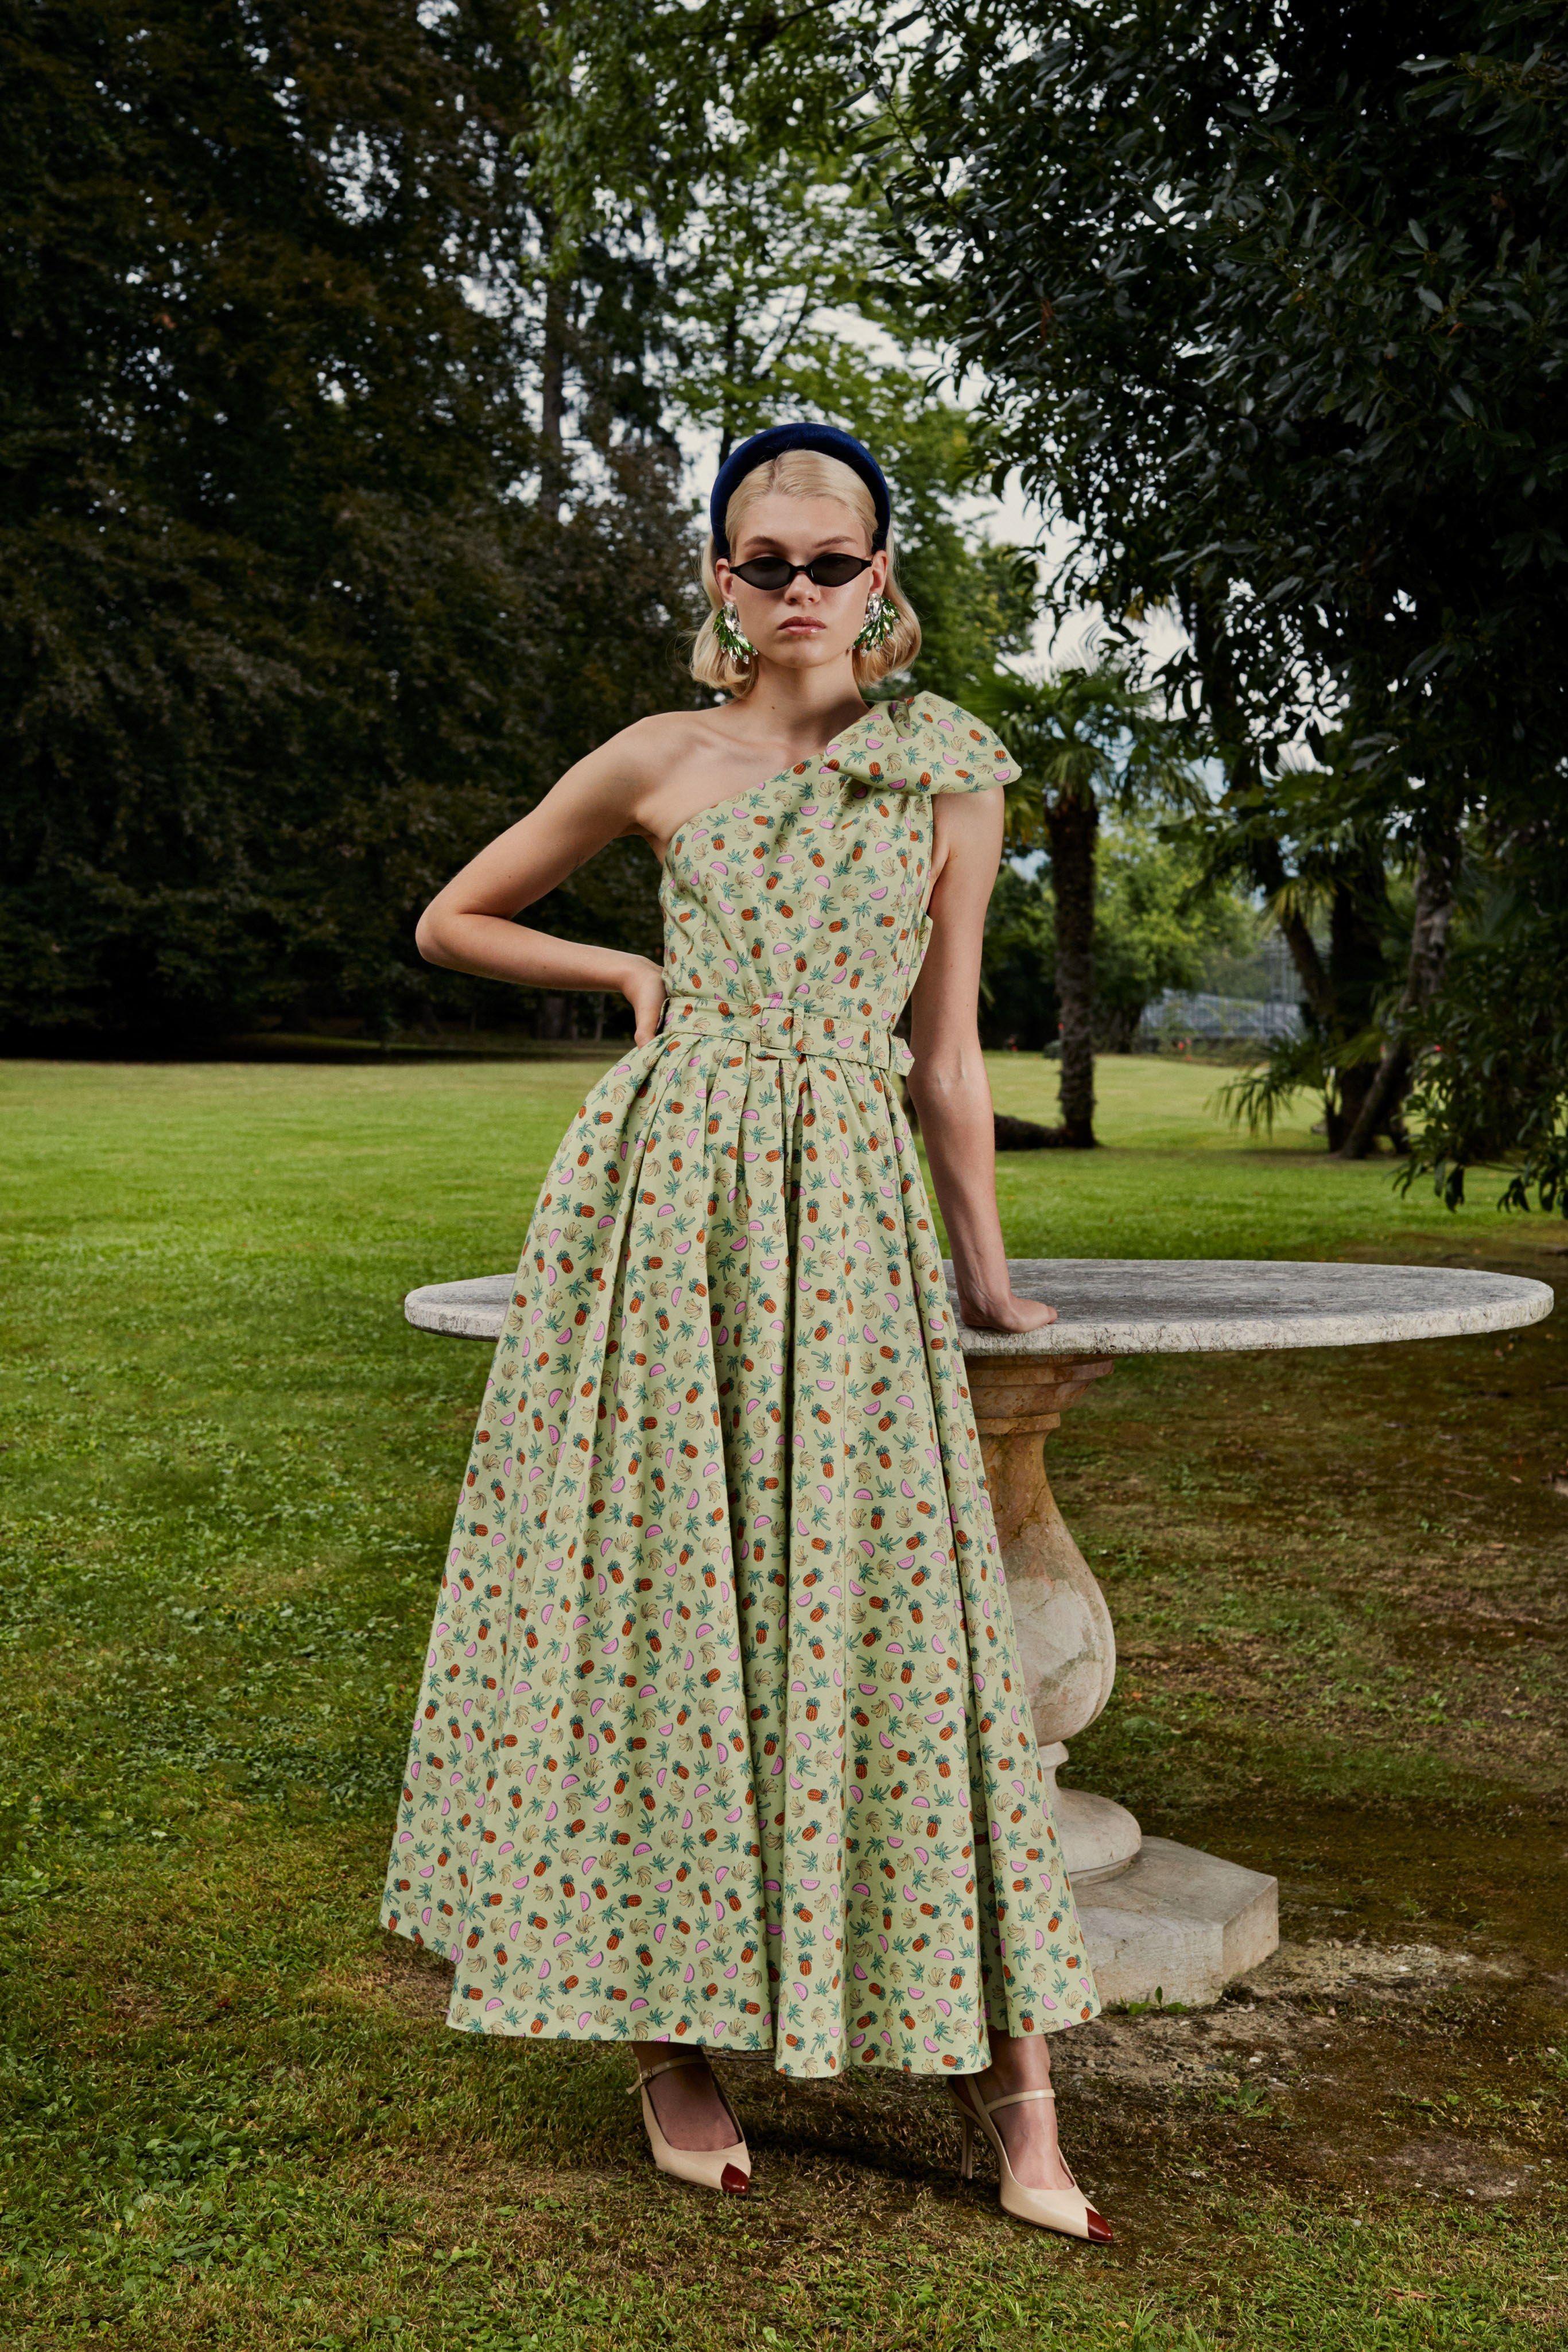 фото платье ретро весна еще один сорт